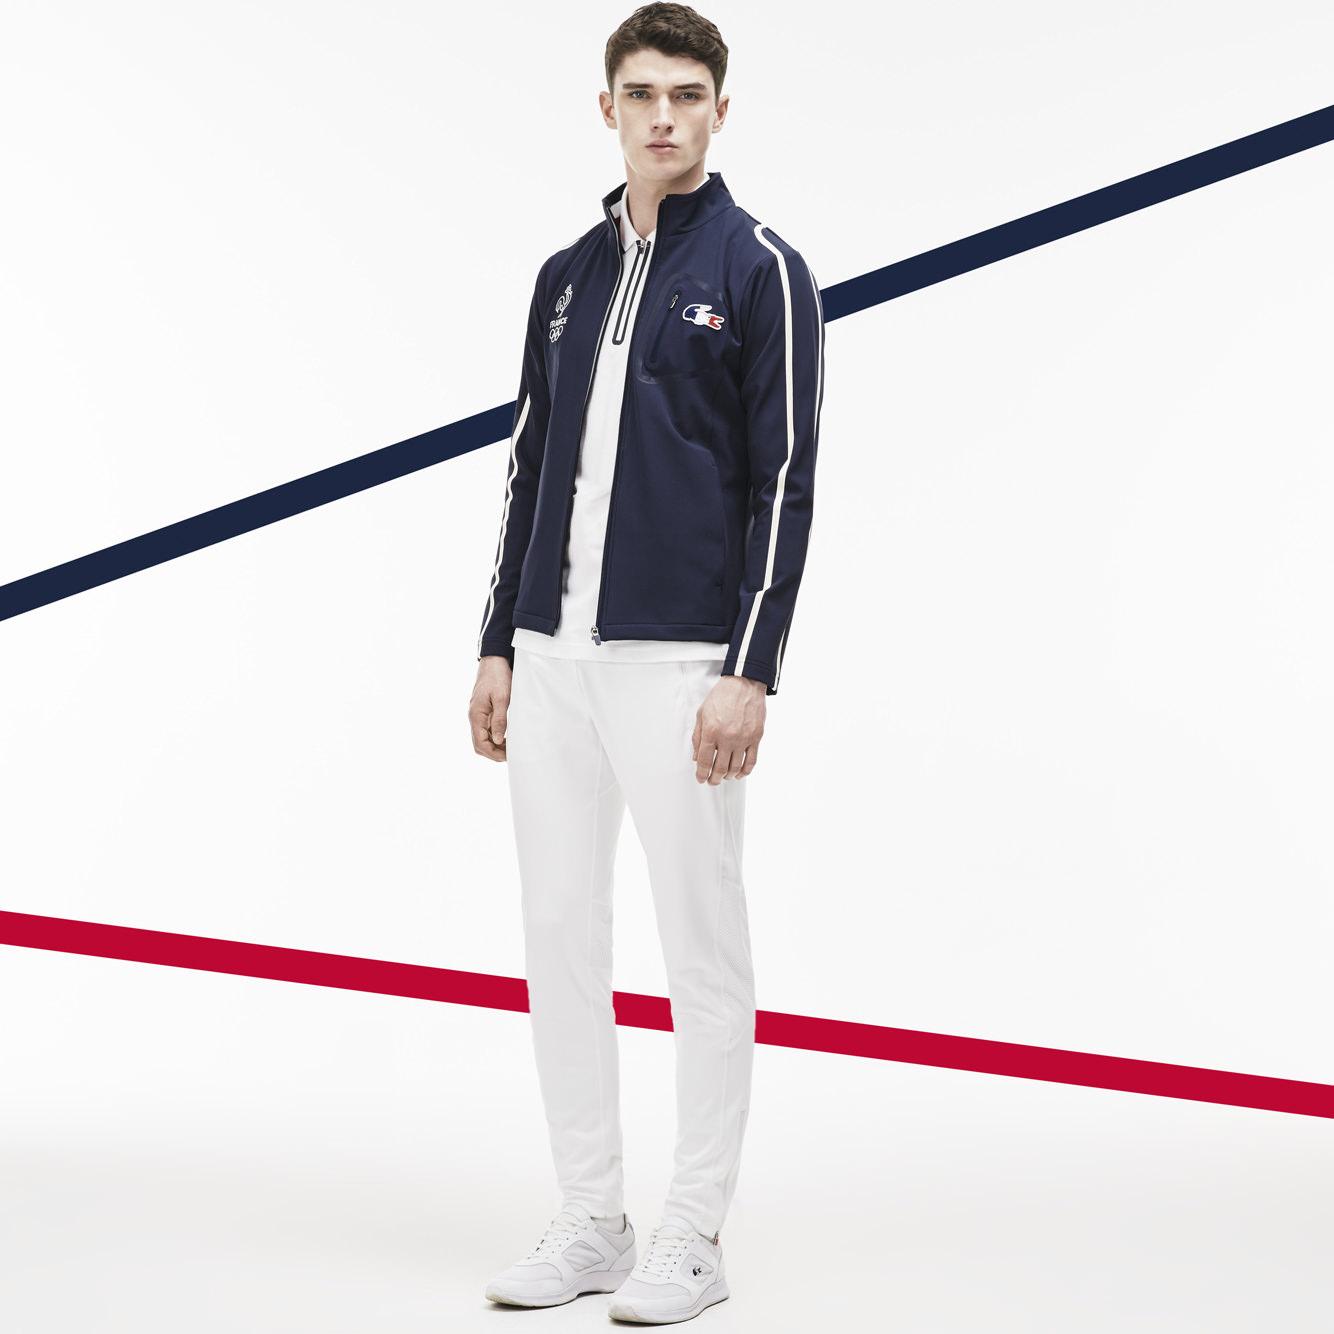 À quoi ressemblent les tenues françaises des jeux Olympiques 2016 de Rio par Lacoste ?